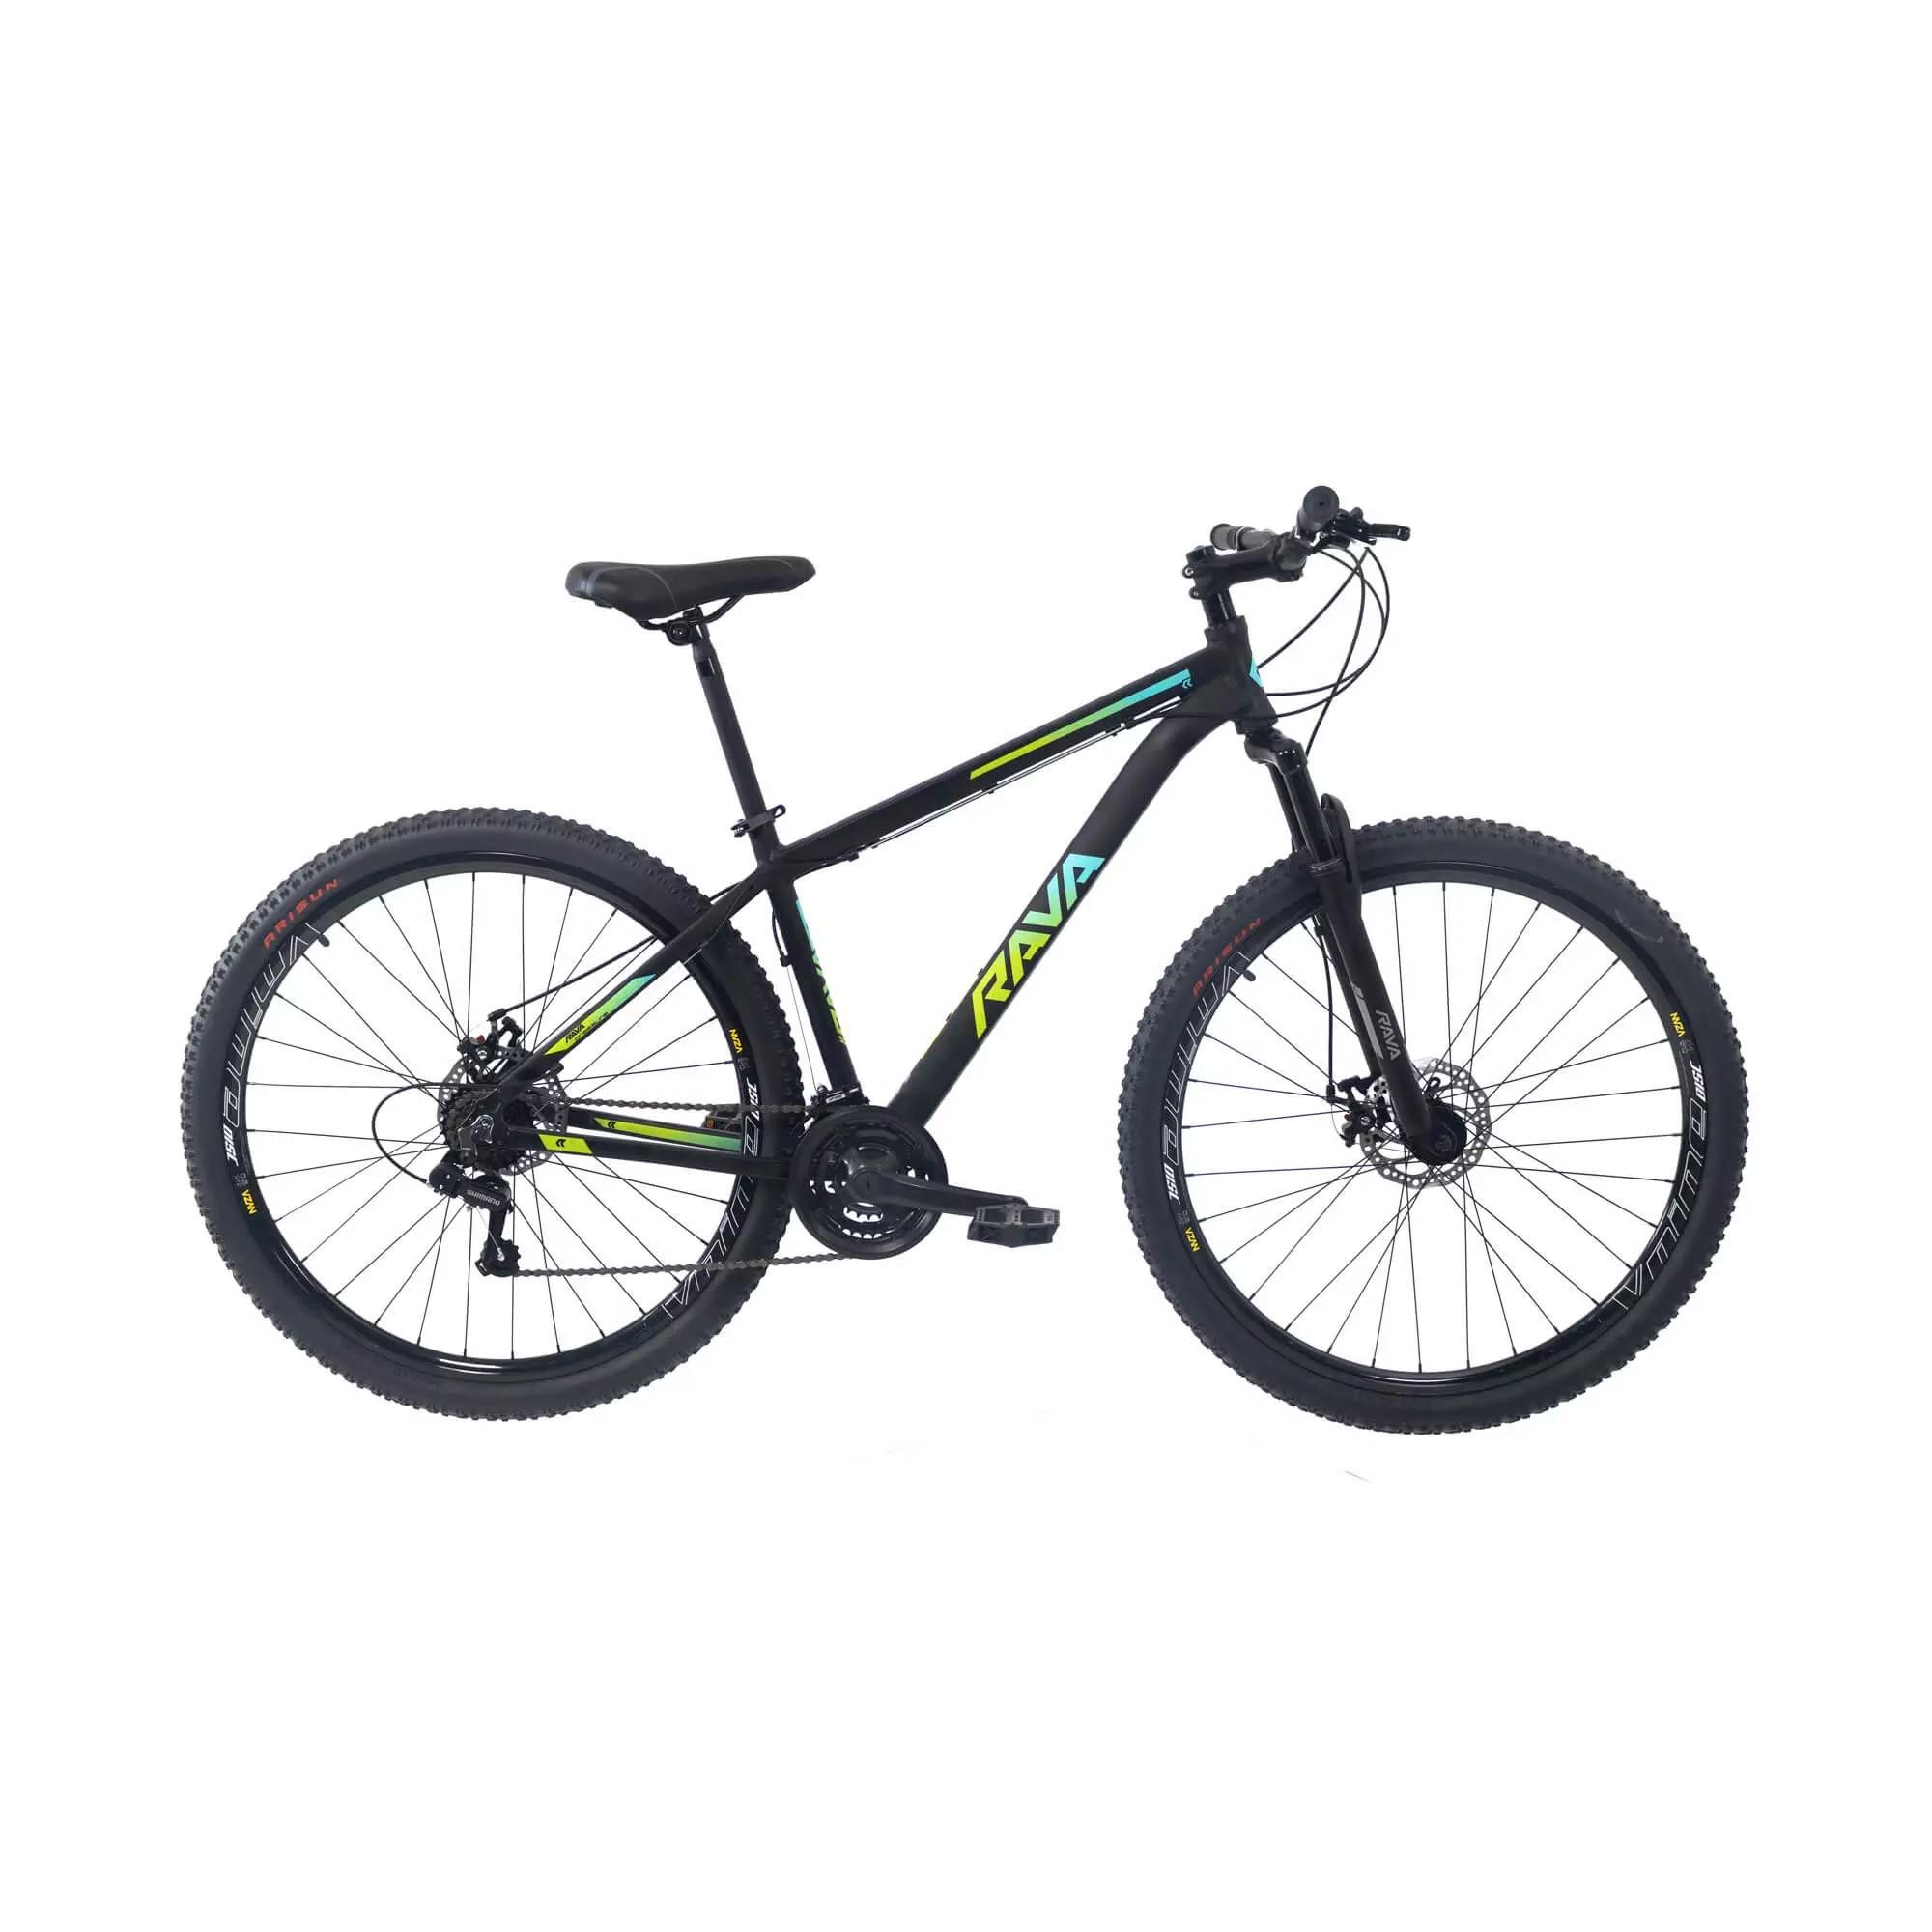 Bicicleta 29 Pressure 21v Freio a Disco Diversas Cores - Rava